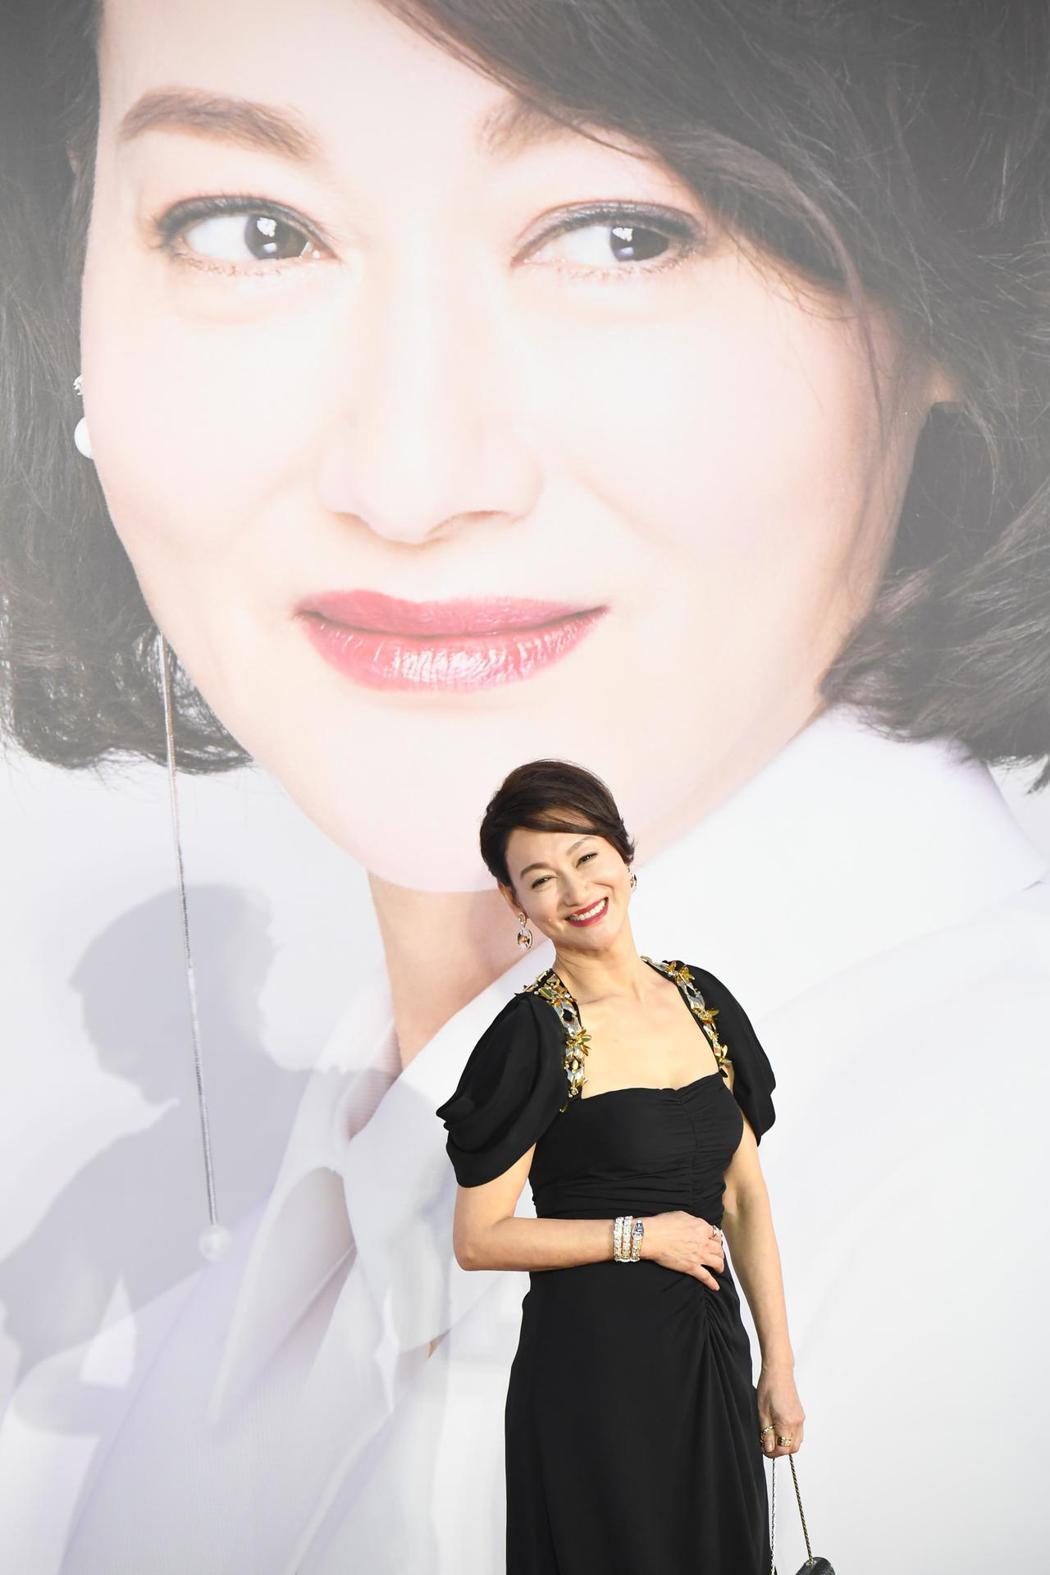 憑著「血觀音」2018年拿下金馬獎影后的惠英紅,今天再以「翠絲」奪下本屆香港金像